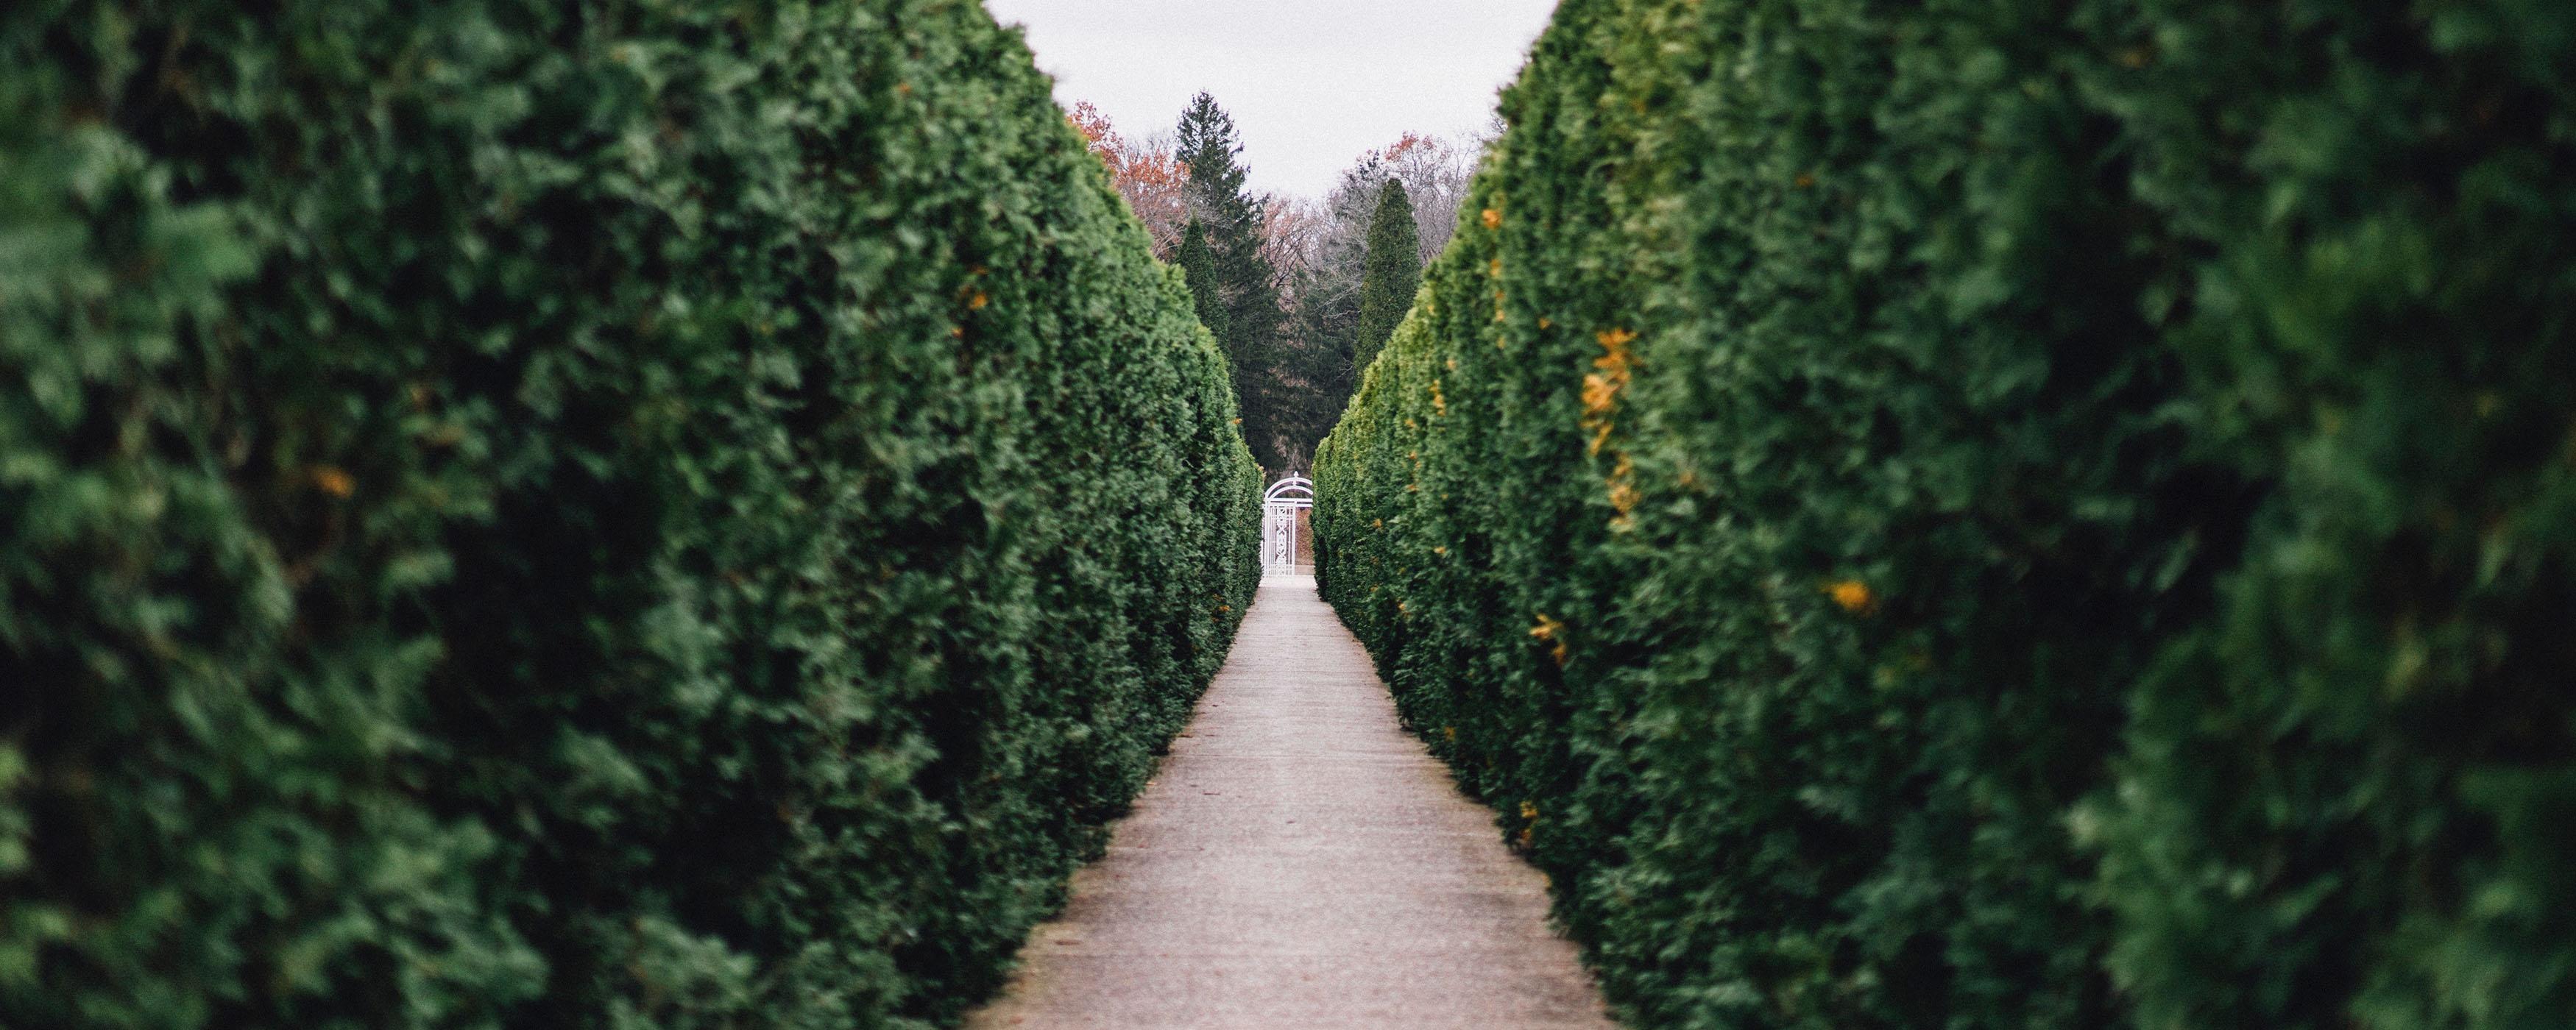 backyard pathways.jpg